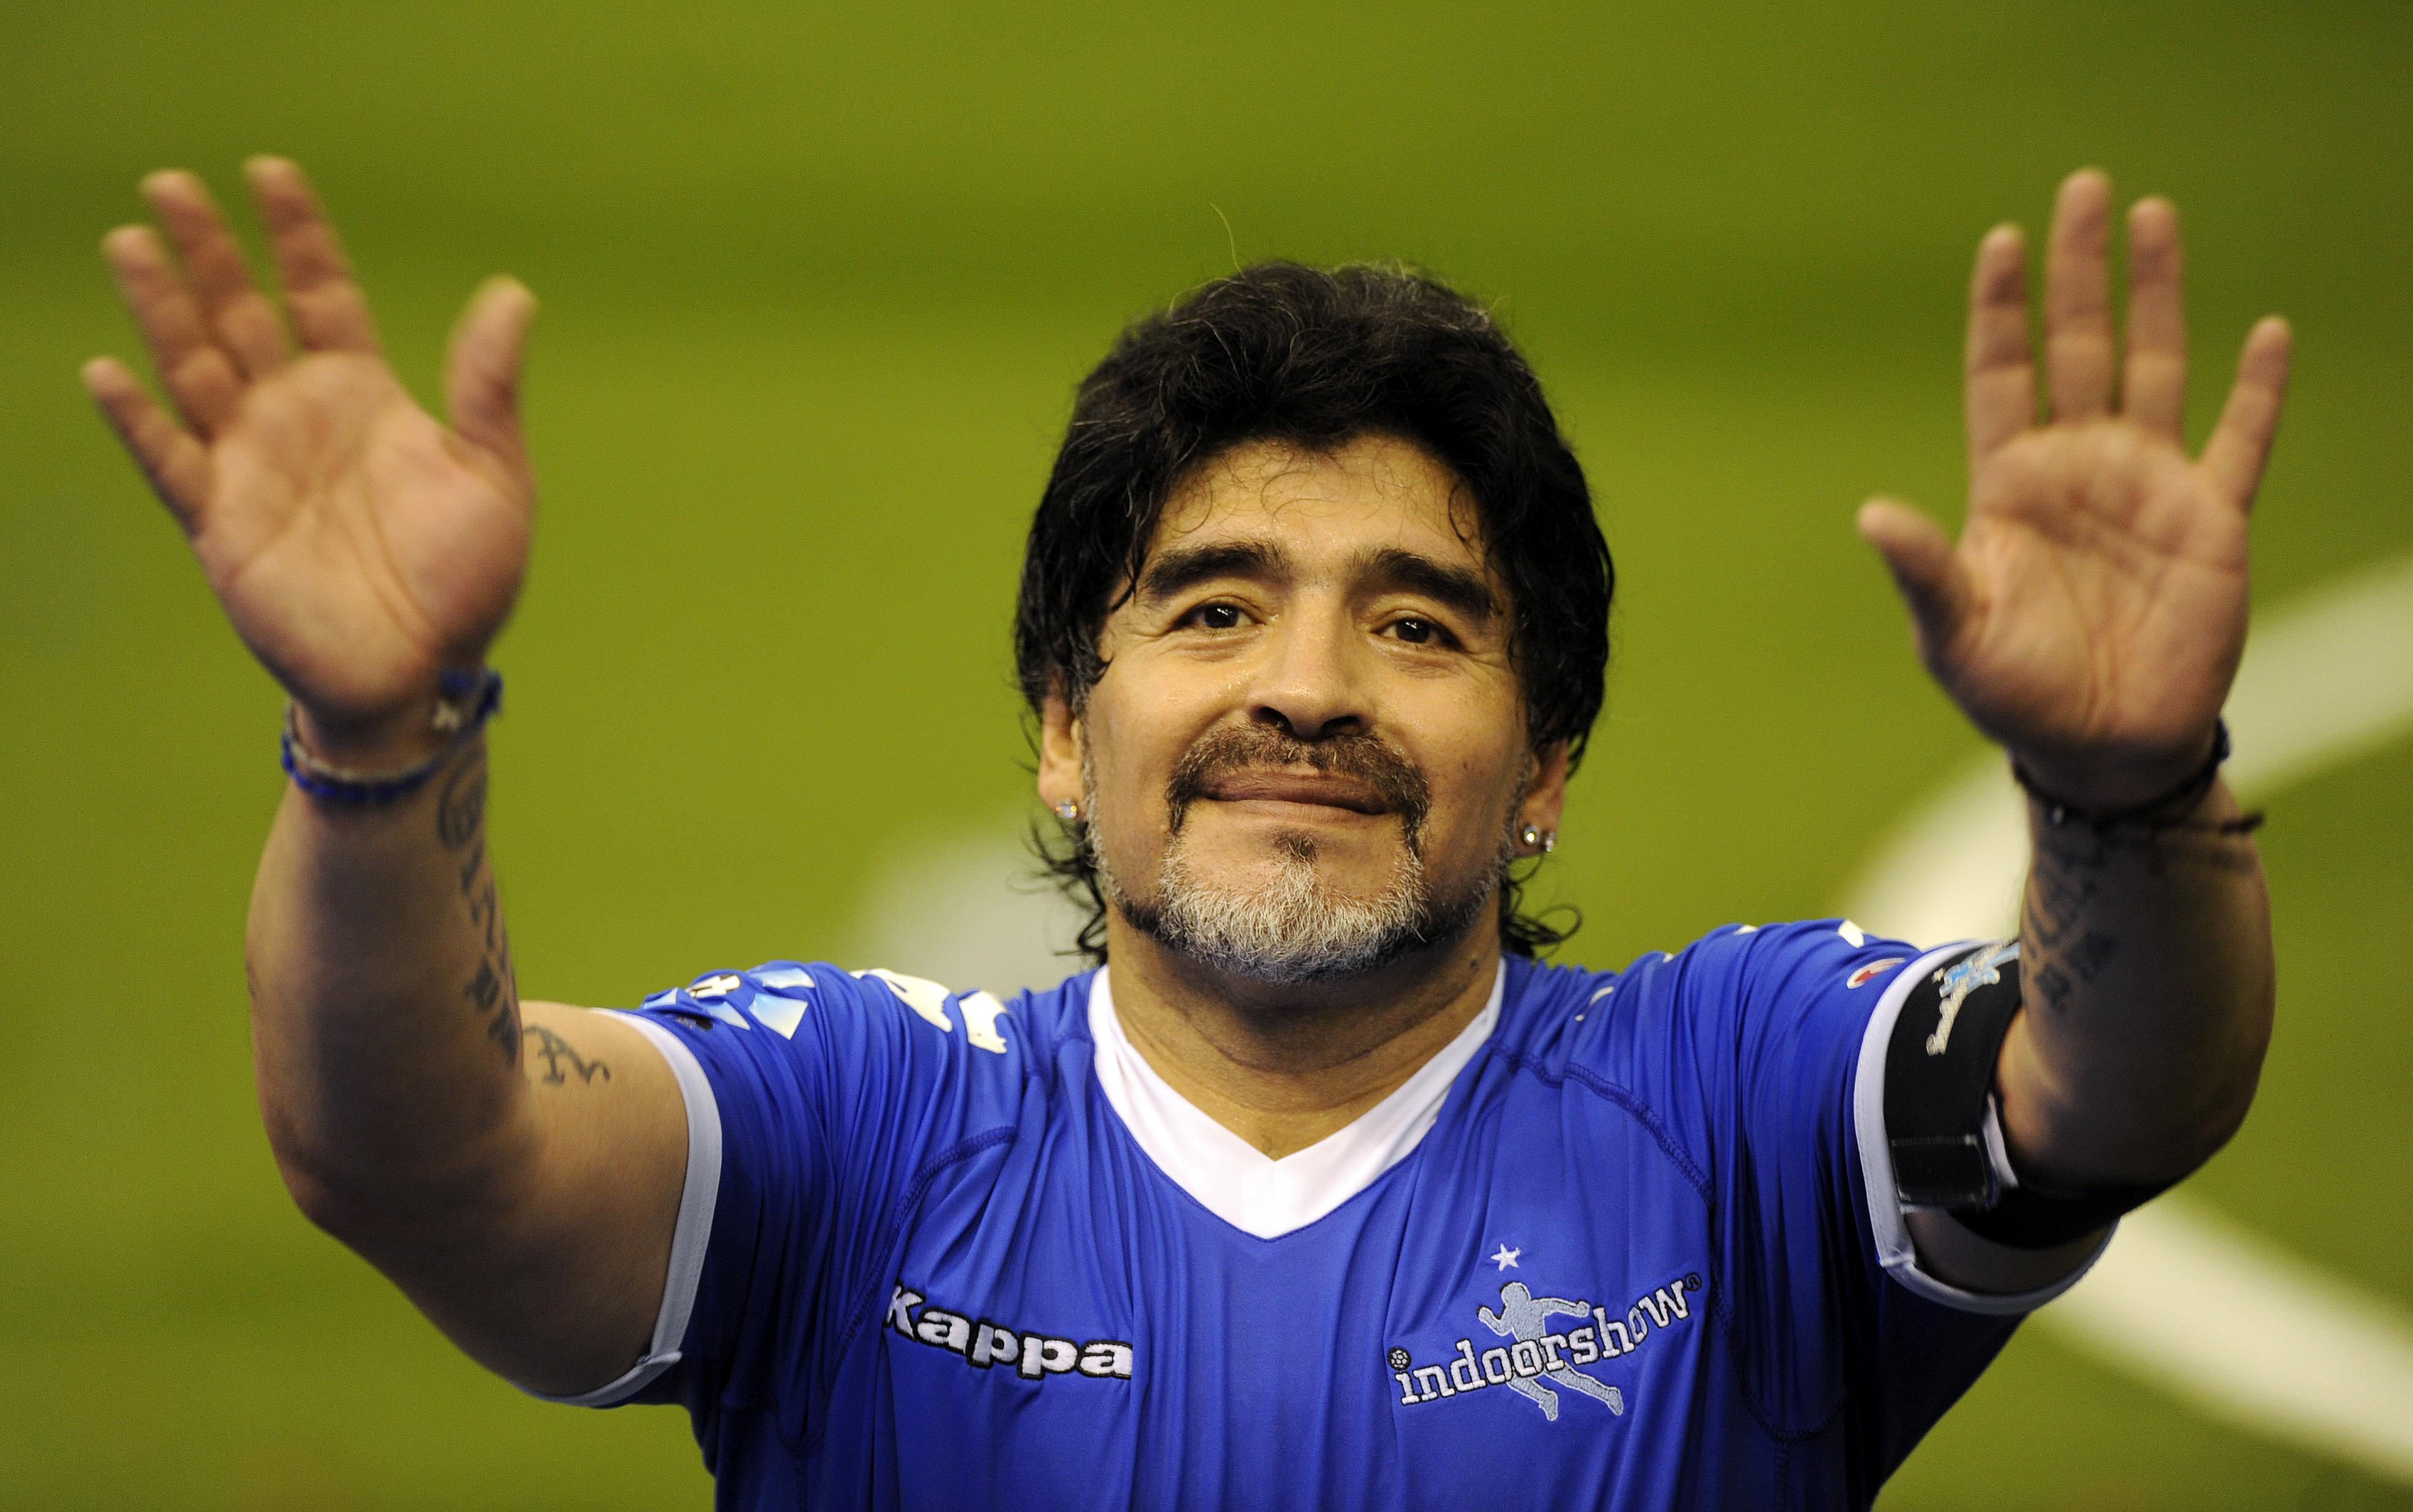 Maradona envía mensaje de solidaridad a Cuba y México por desastres naturales